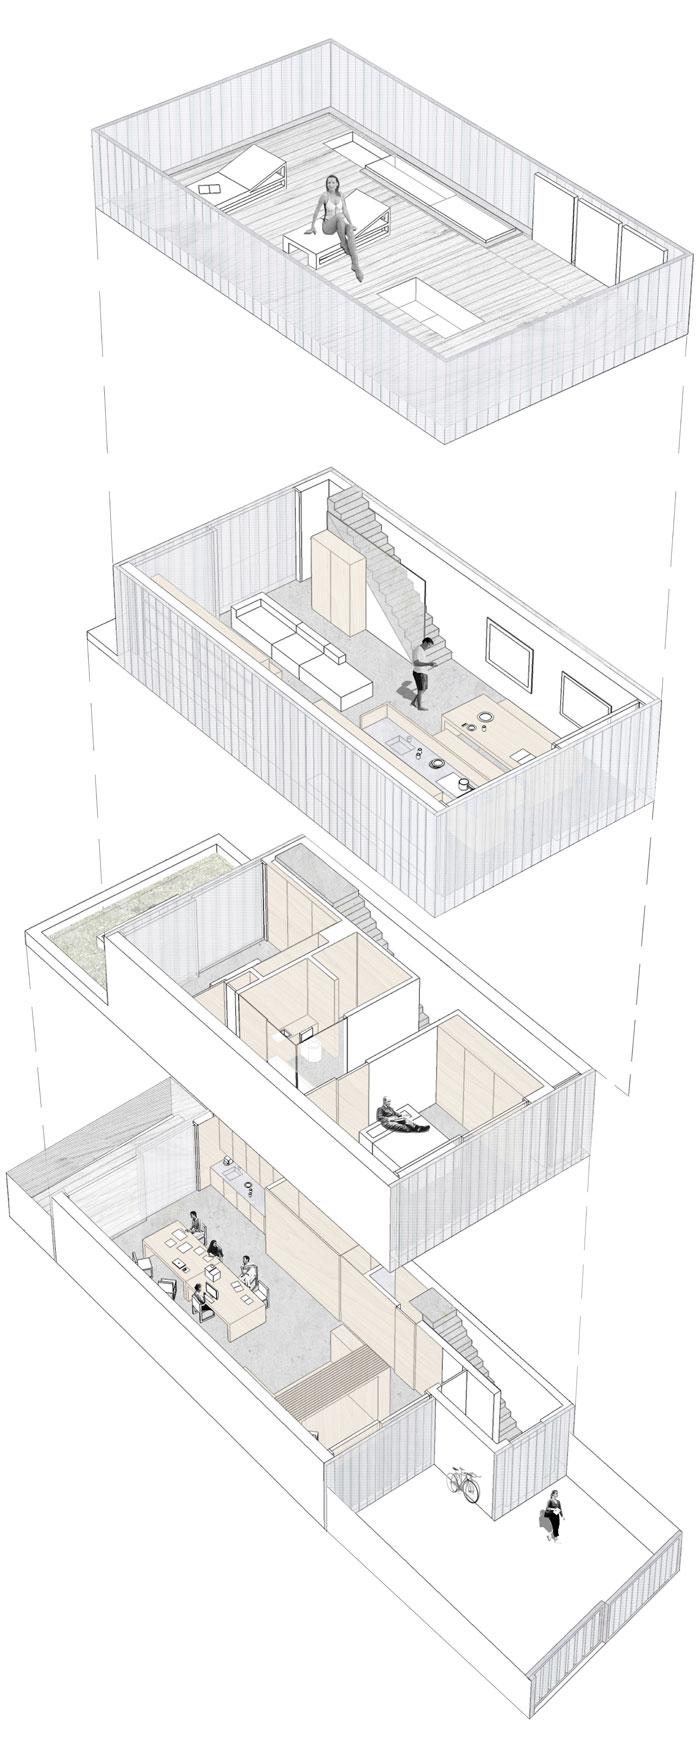 Axonometric Floor Plans